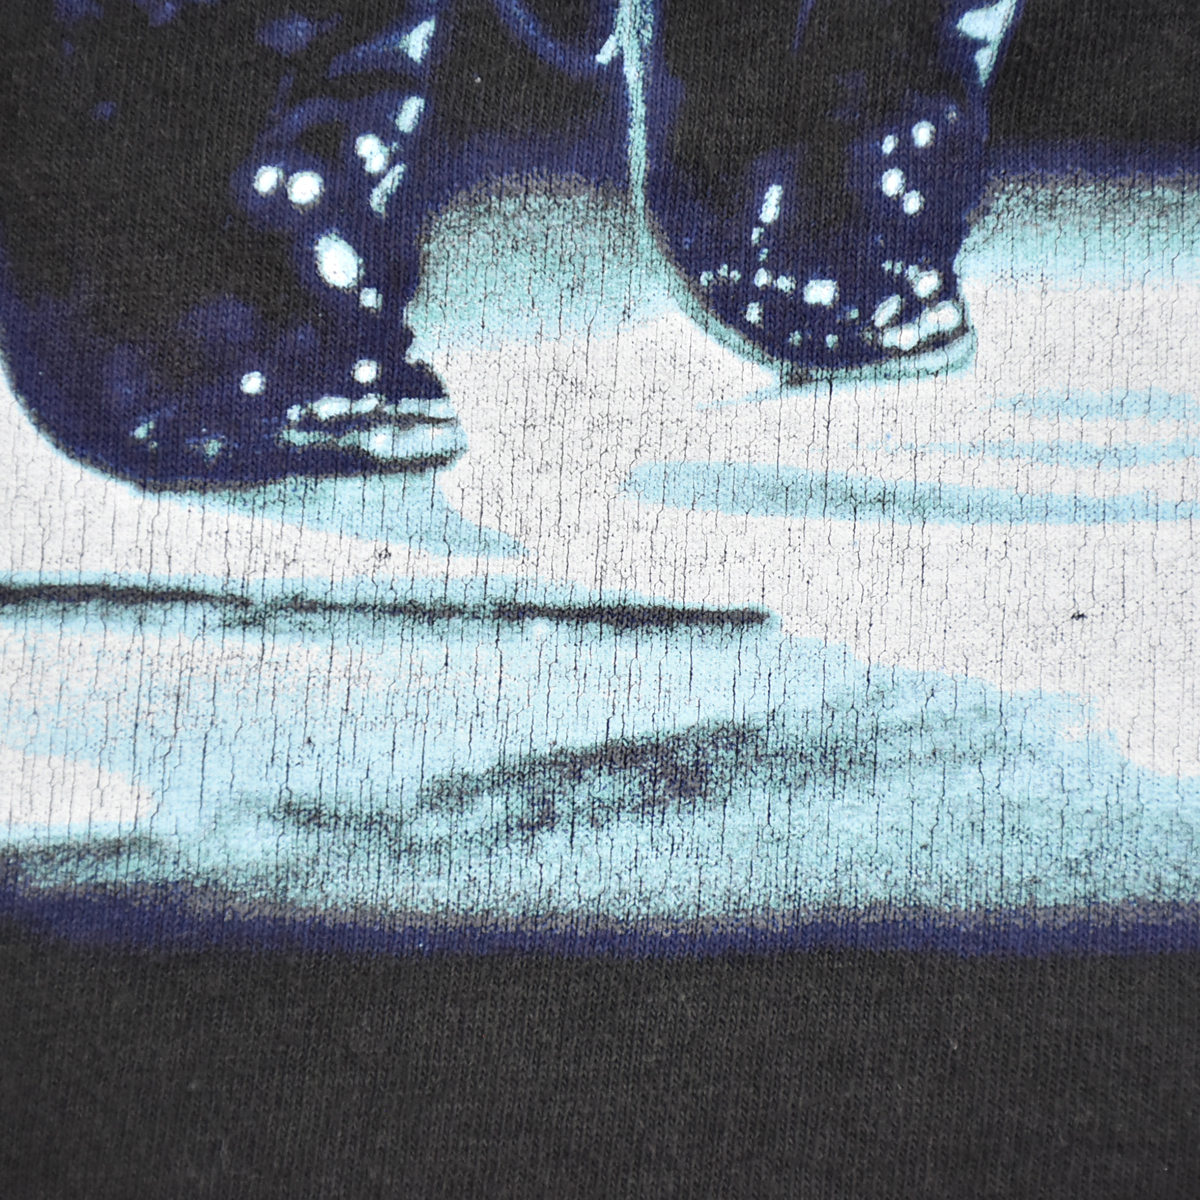 Michael Jackson マイケルジャクソン ★ リー Leeボディ USA製 ヴィンテージ 90s 1994 HISTORY コピーライト有 半袖 Tシャツ 黒 L_画像8